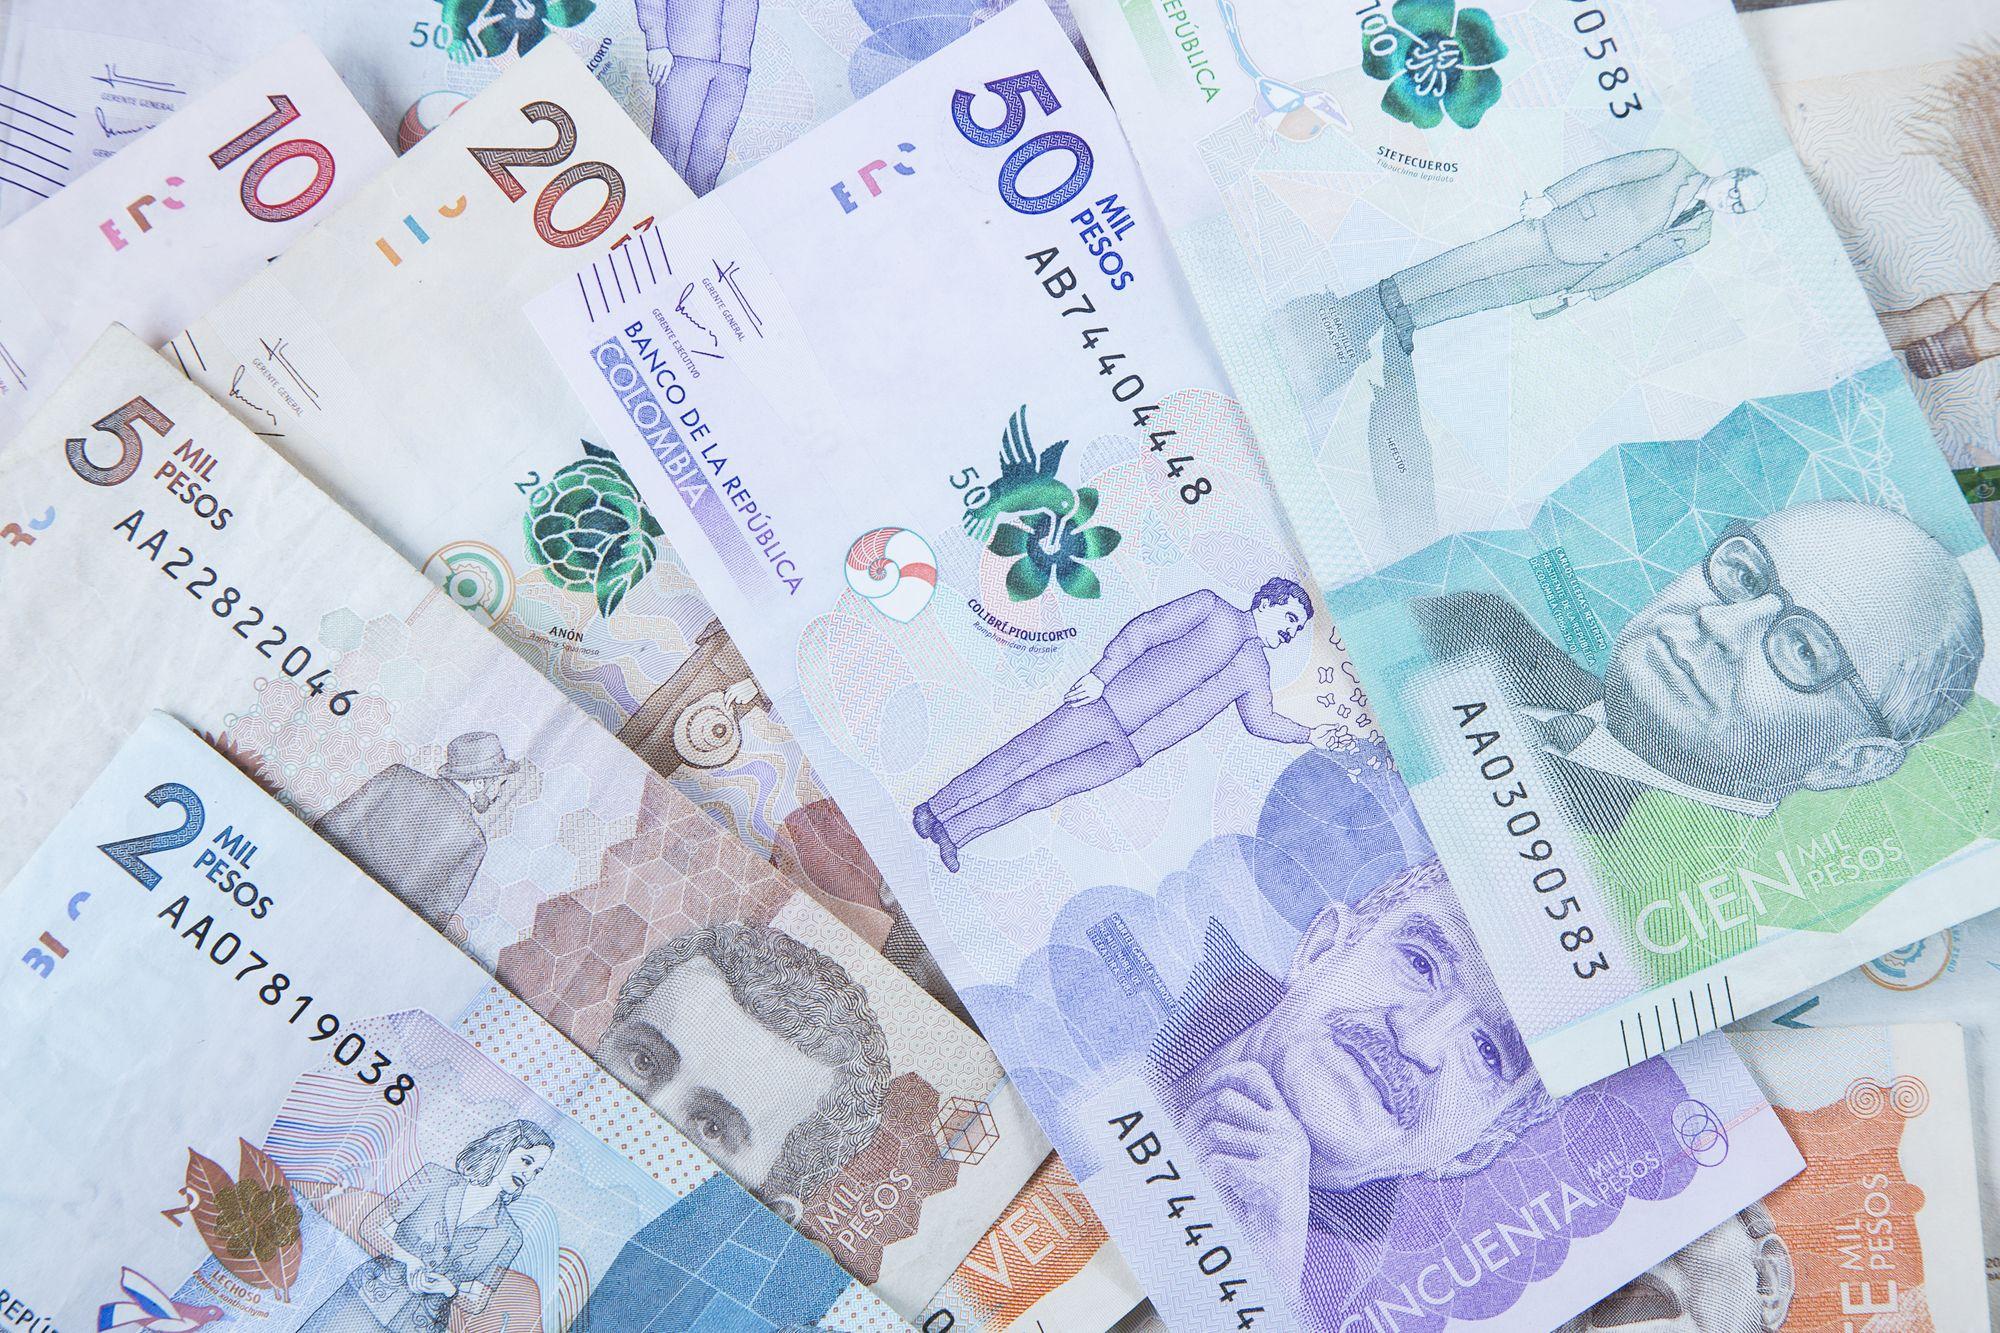 ¿Cuánto tiempo tarda en recibir préstamos en línea?